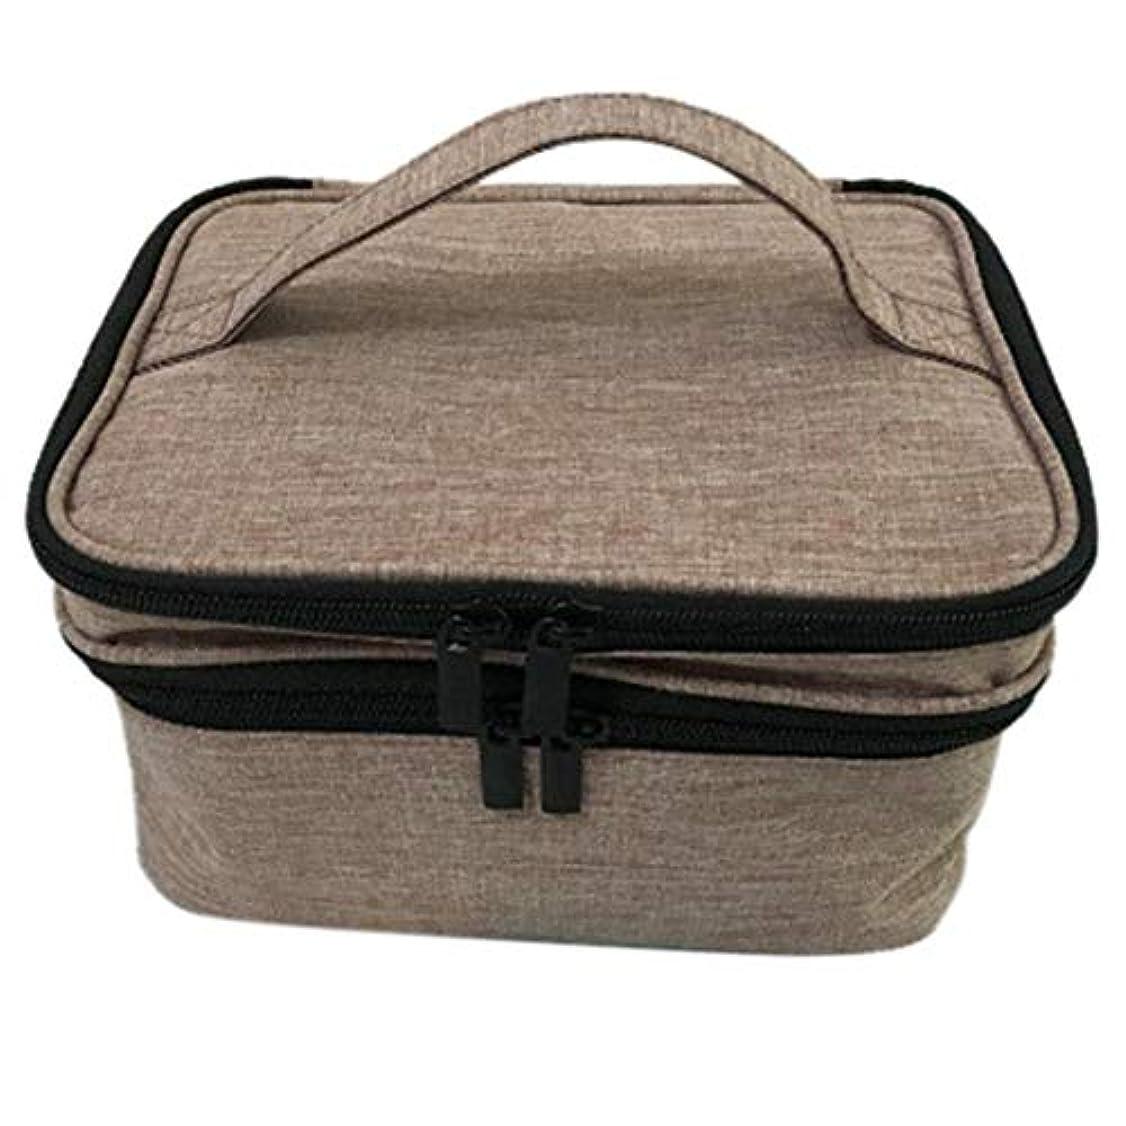 収納バッグ 30格 仕切り エッセンシャルオイル 精油 保管袋 収納ボックス 収納ケース 精油ケース 香水収納バッグ 不織布 携帯便利 耐震 30本用 (5ml~30ml)